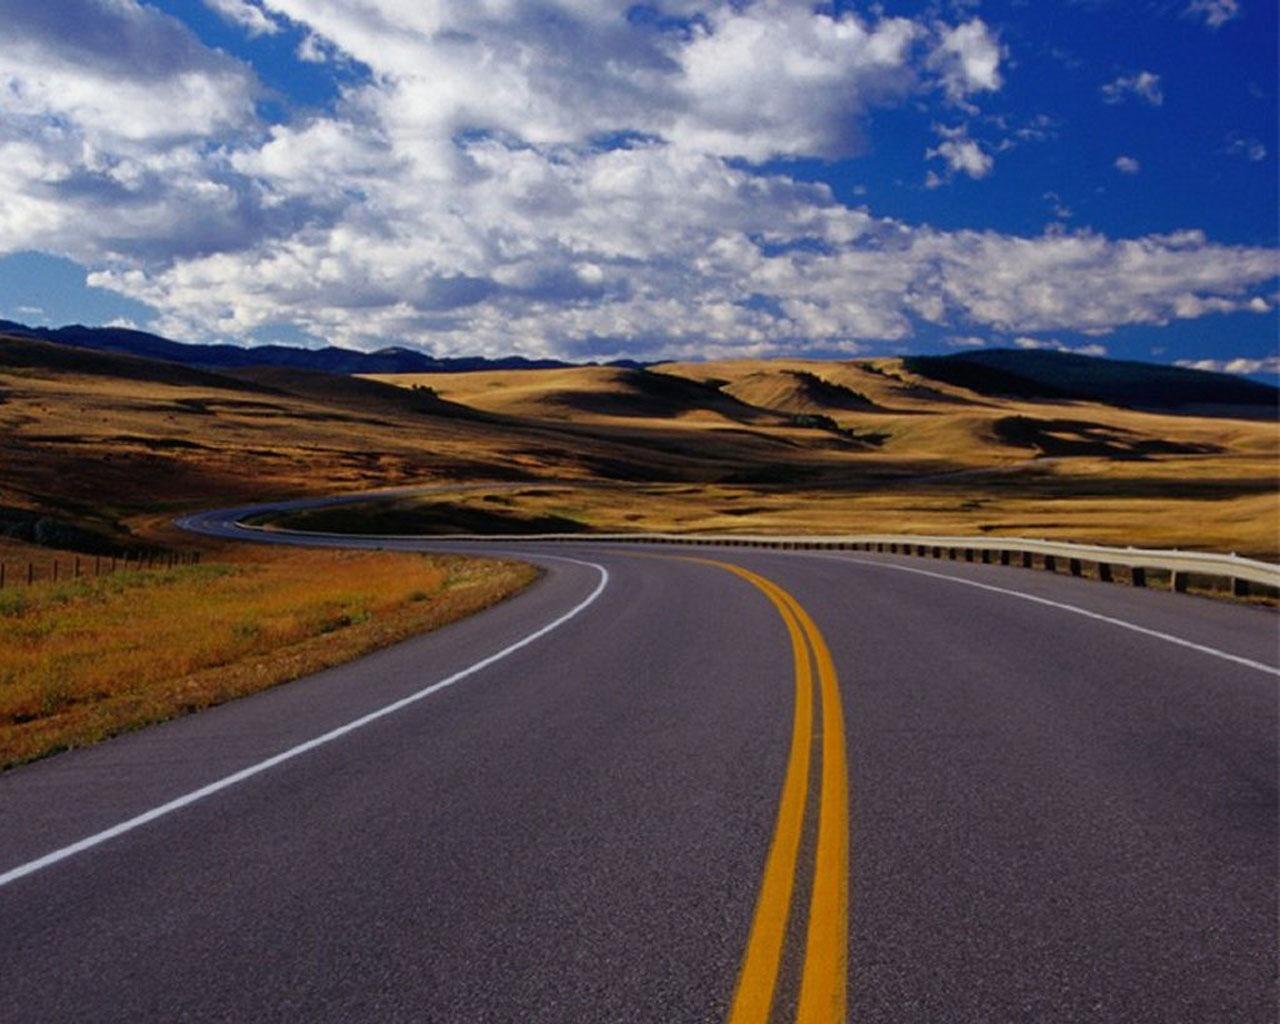 Quanto costa un viaggio in auto for Quanto costa rivestire un divano